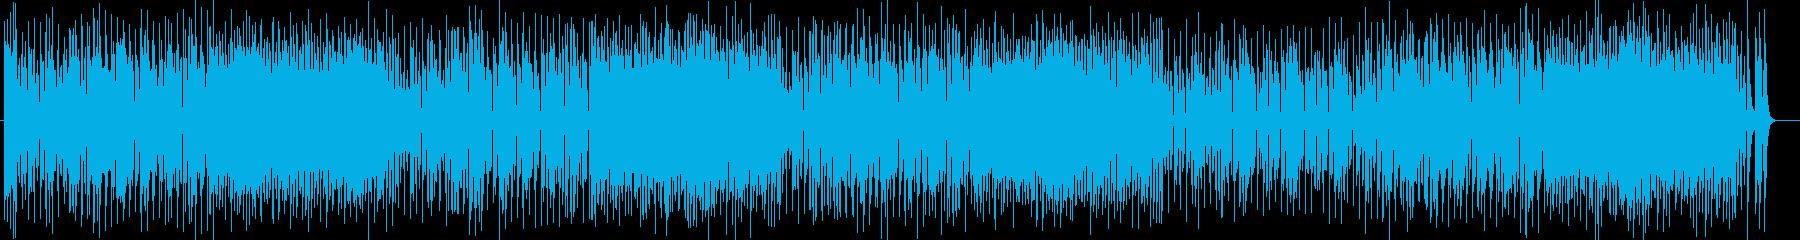 ポップで軽快なシンセポップスの再生済みの波形